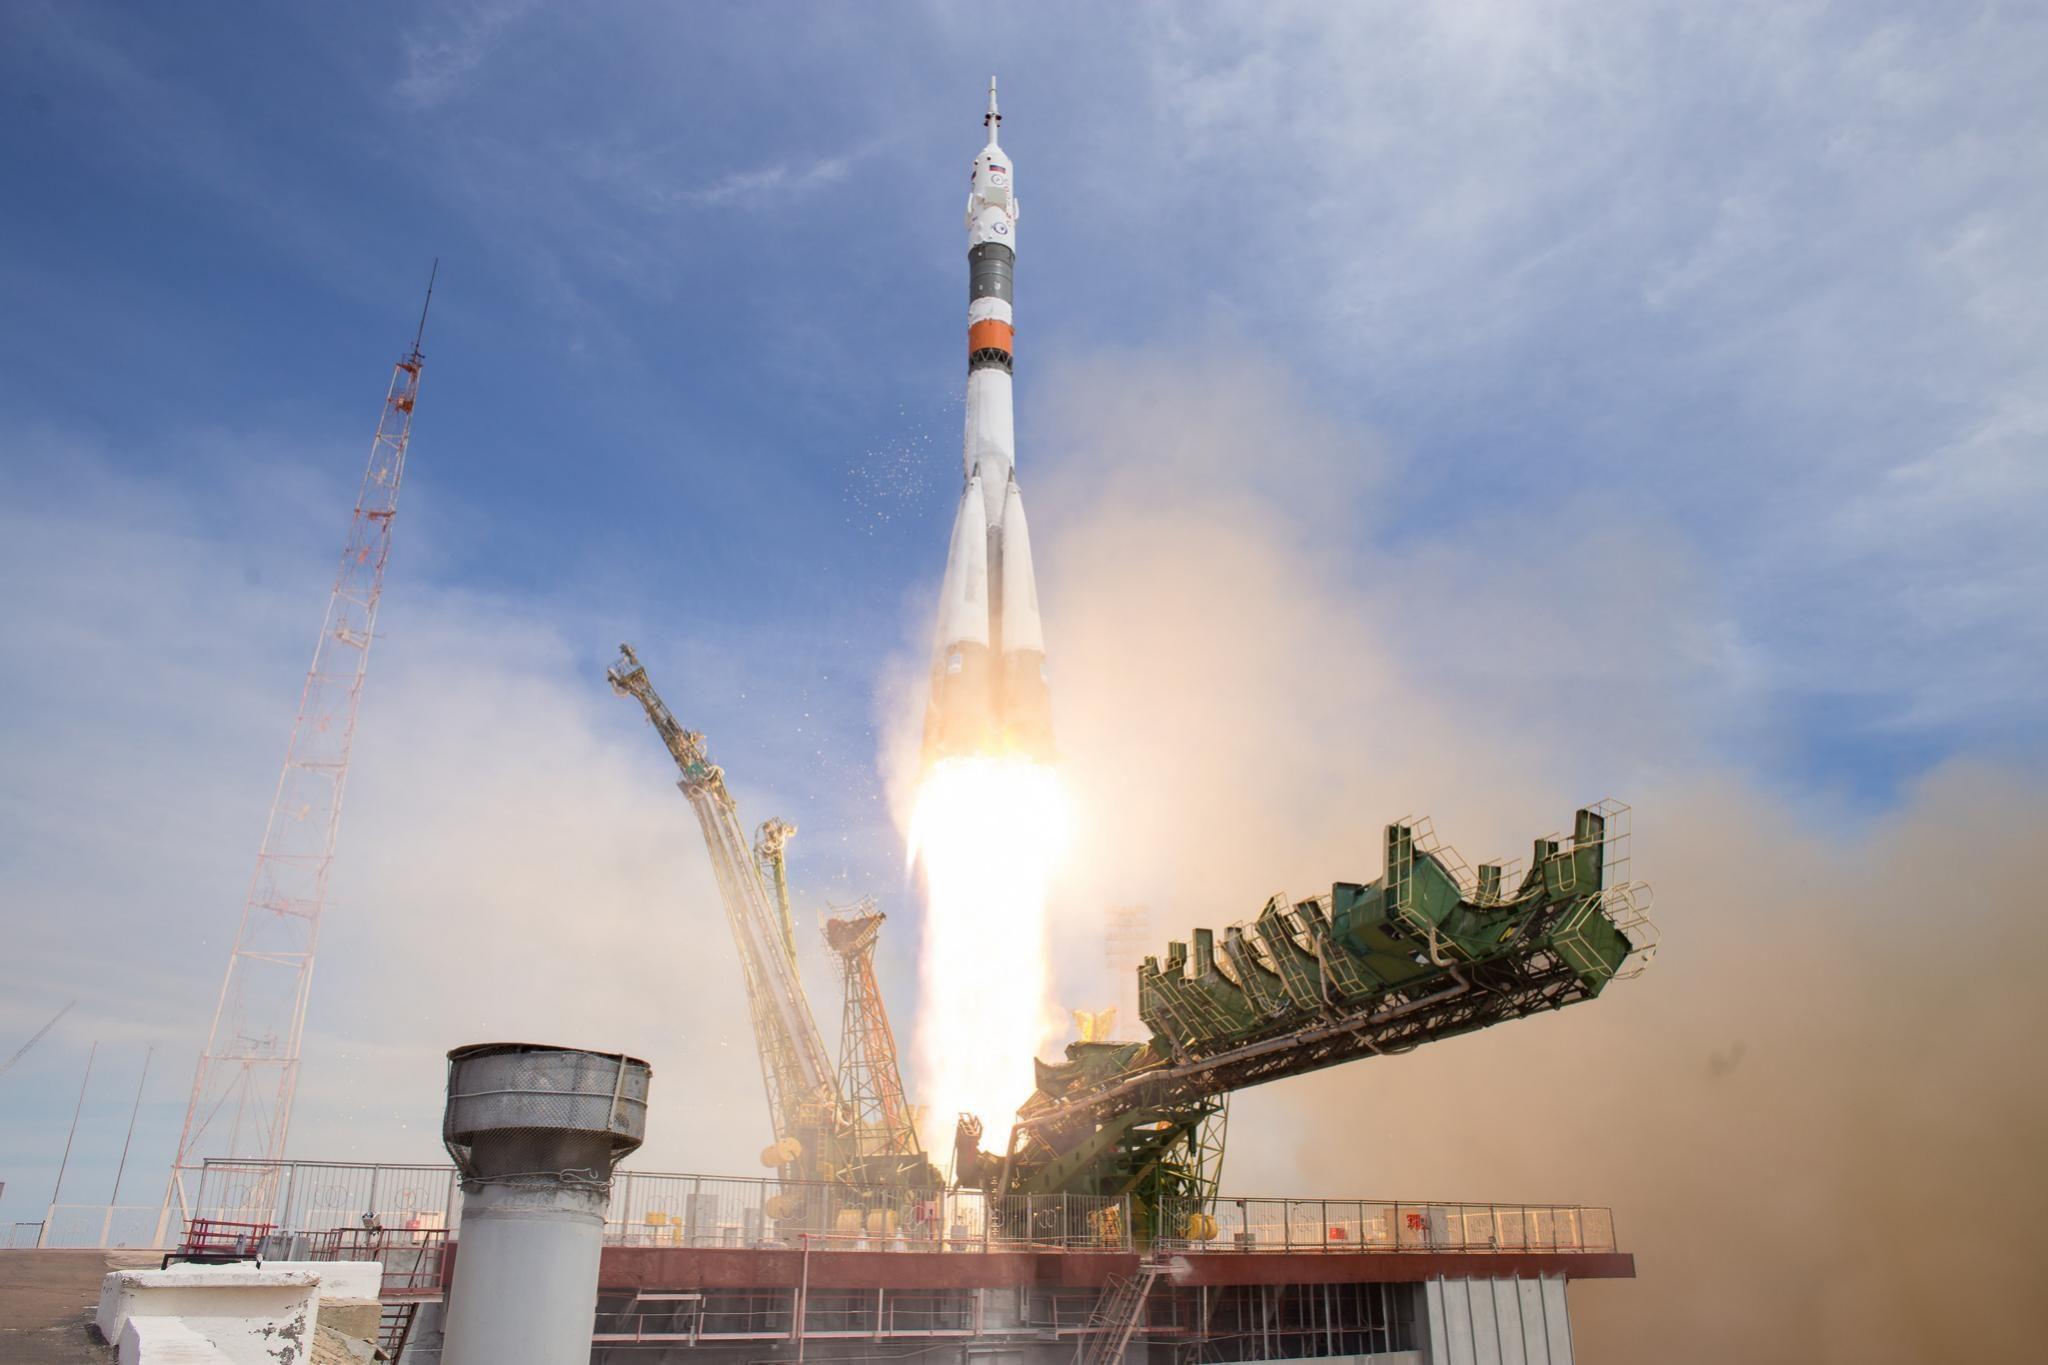 πύραυλος Soyuz MS-04